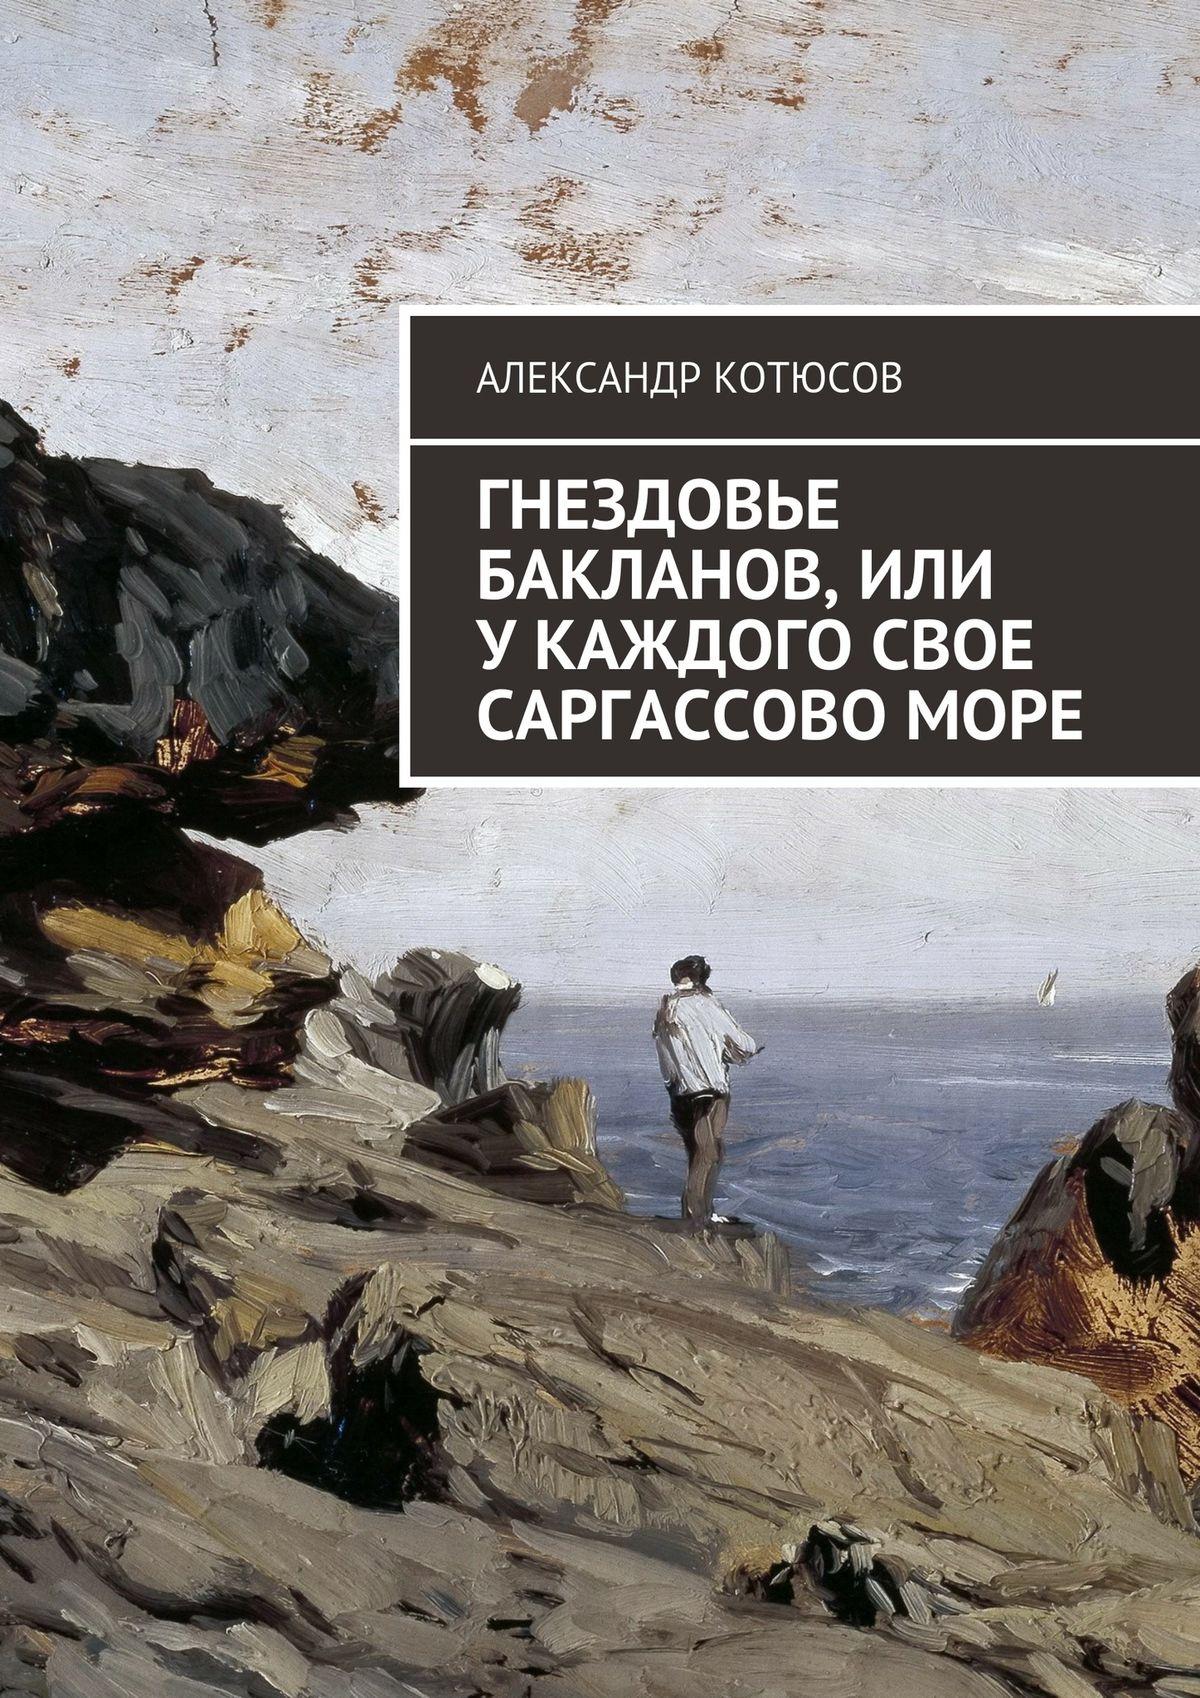 Александр Котюсов Гнездовье бакланов, или У каждого свое Саргассово море сусло в вильнюсе